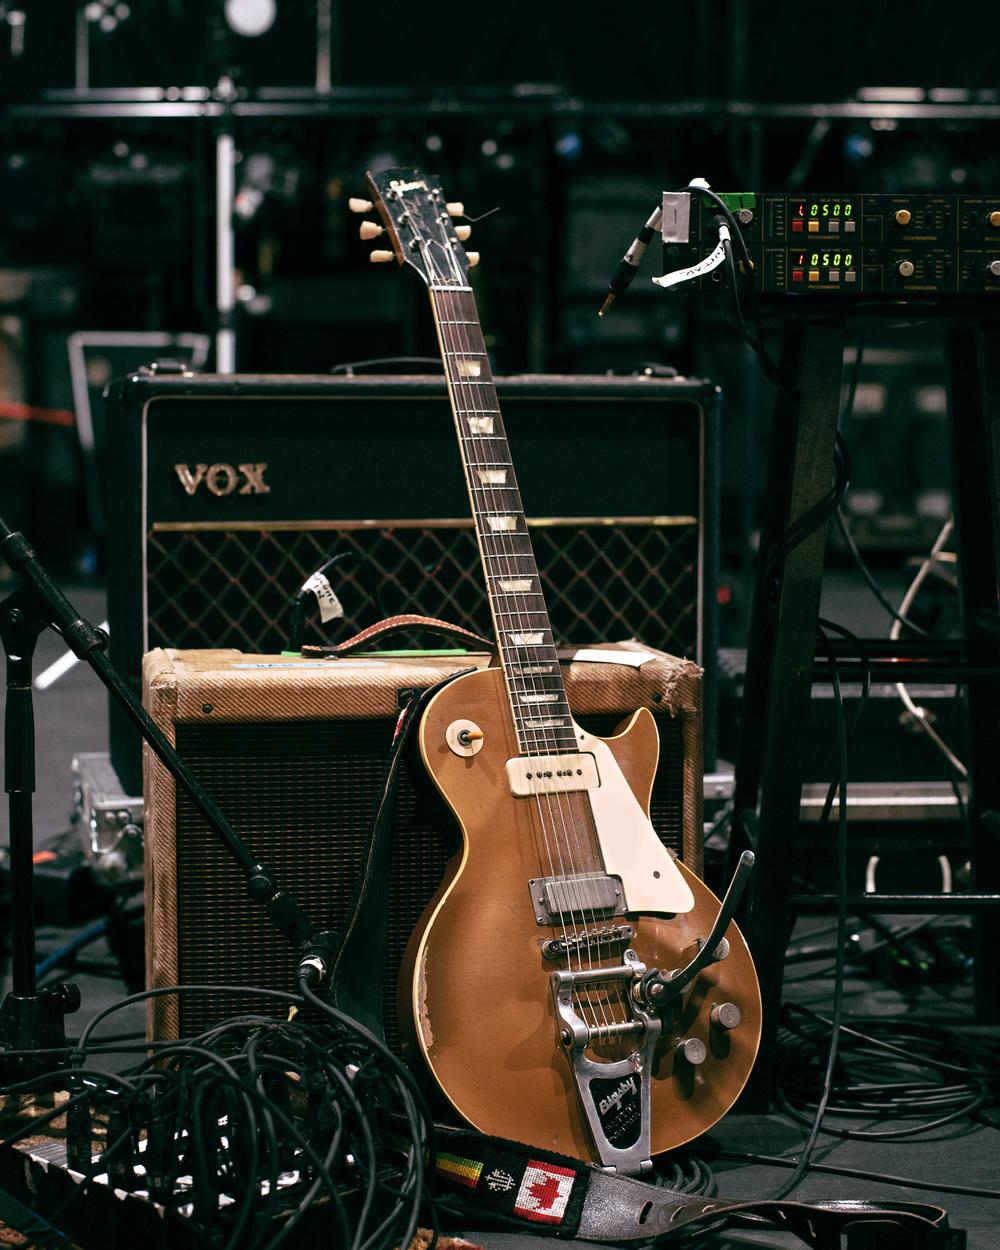 Dan Lanois' 1953 Gibson Les Paul Goldtop